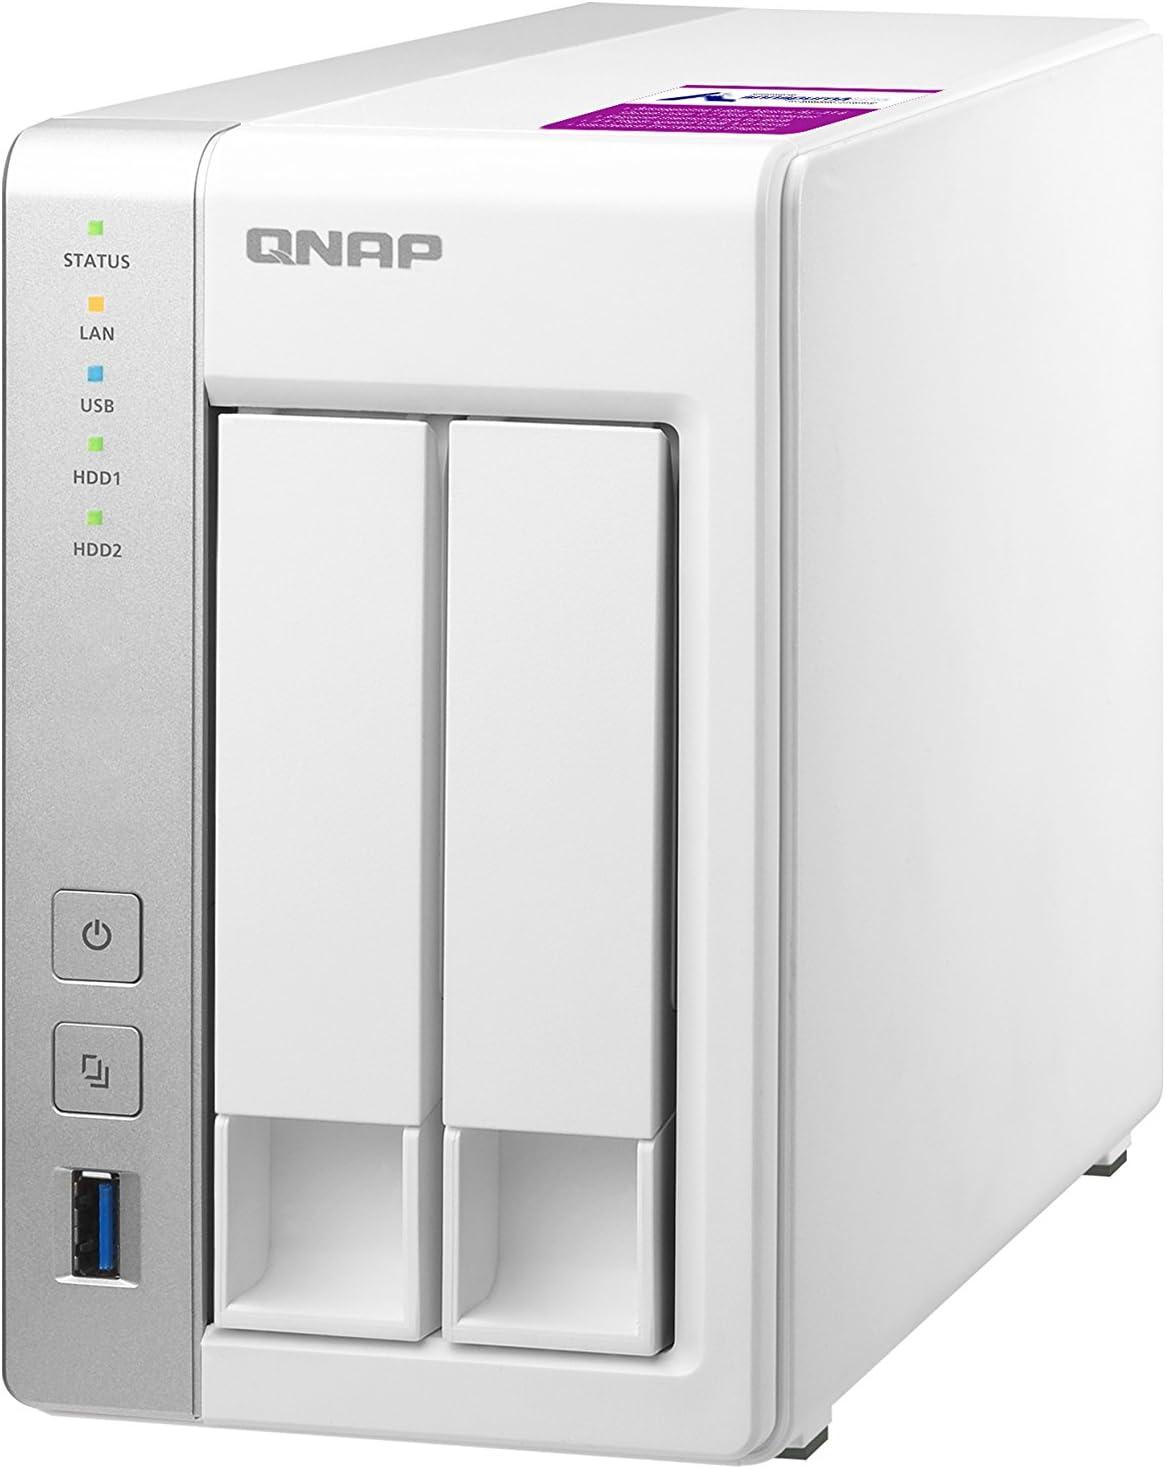 QNAP TS-231P2-4G - Almacenamiento Conectado en Red (8 TB, 2 Bay NAS Solution)